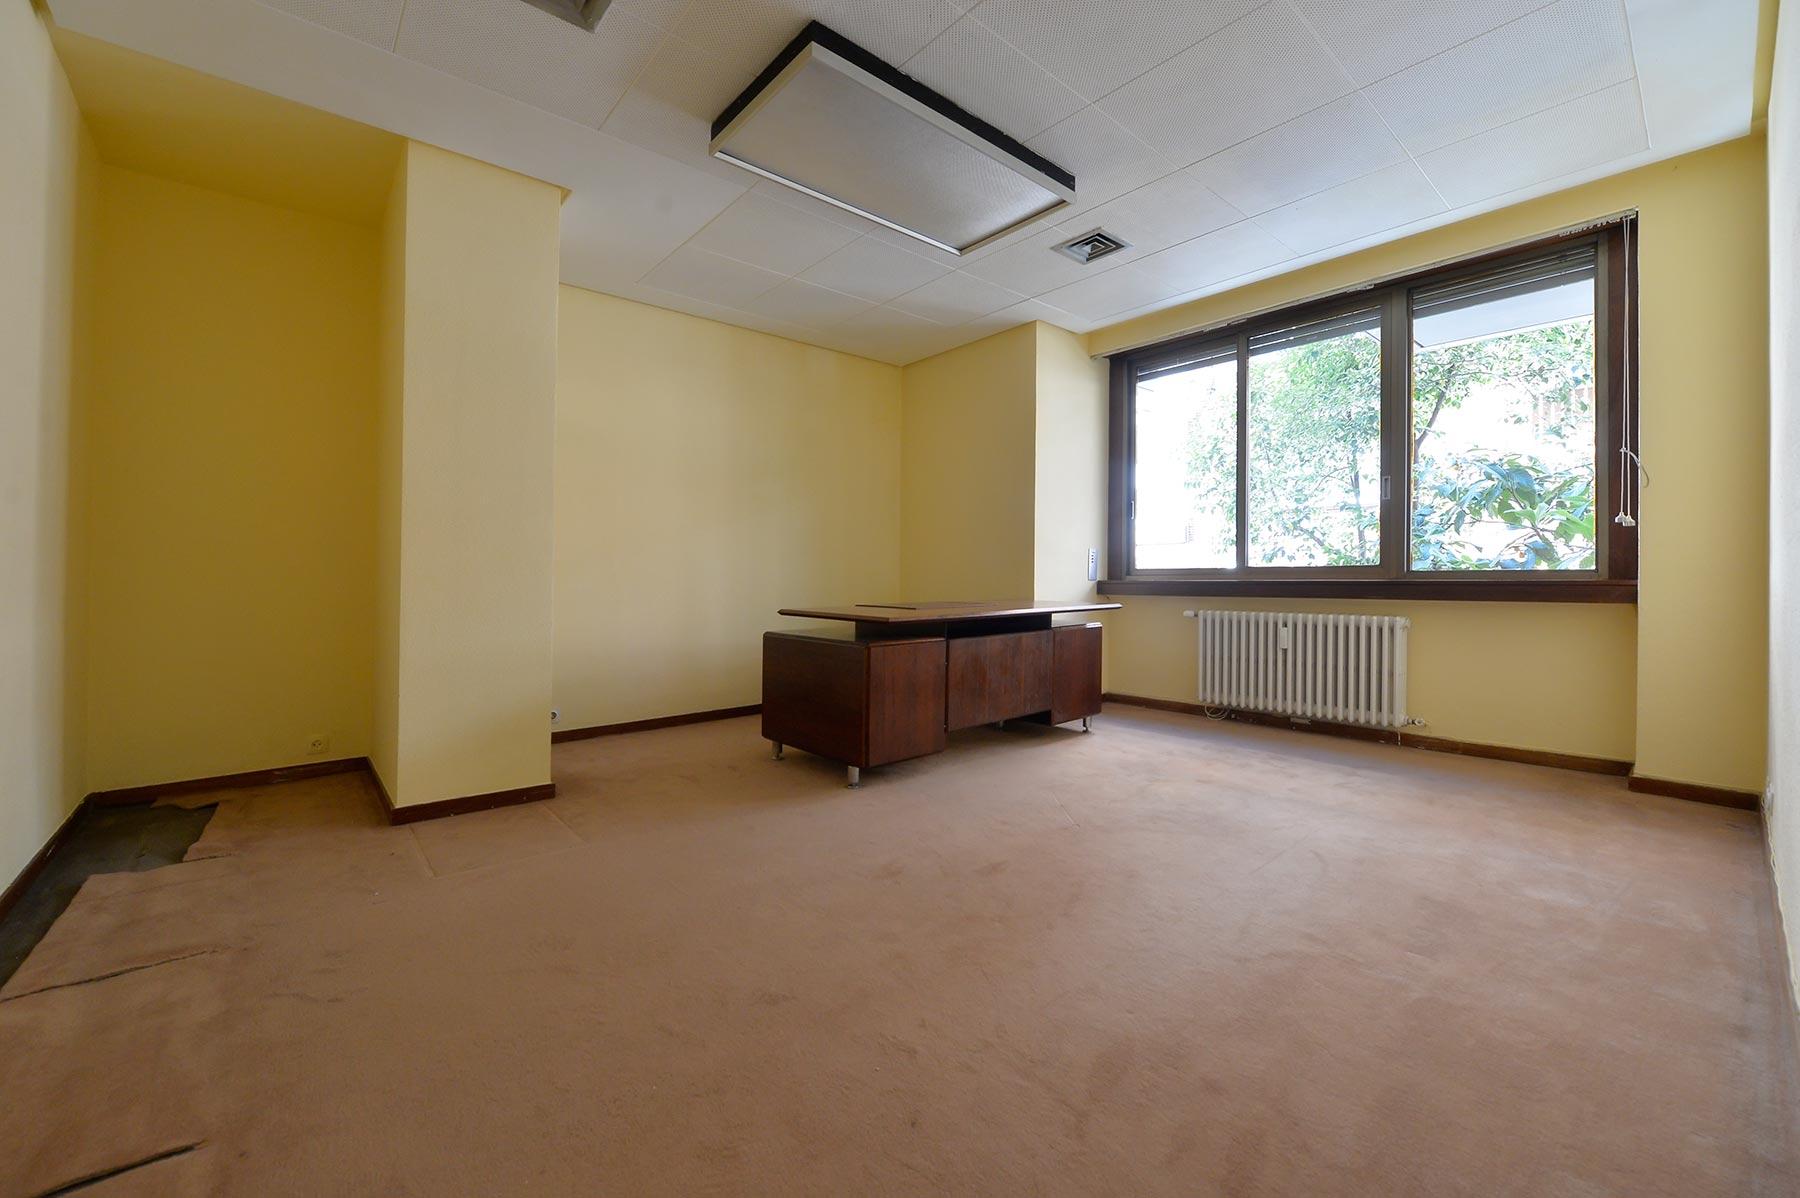 一戸建て のために 売買 アット Excellent apartment with two parking spaces Nuñez de Balboa Madrid, マドリード, 28001 スペイン